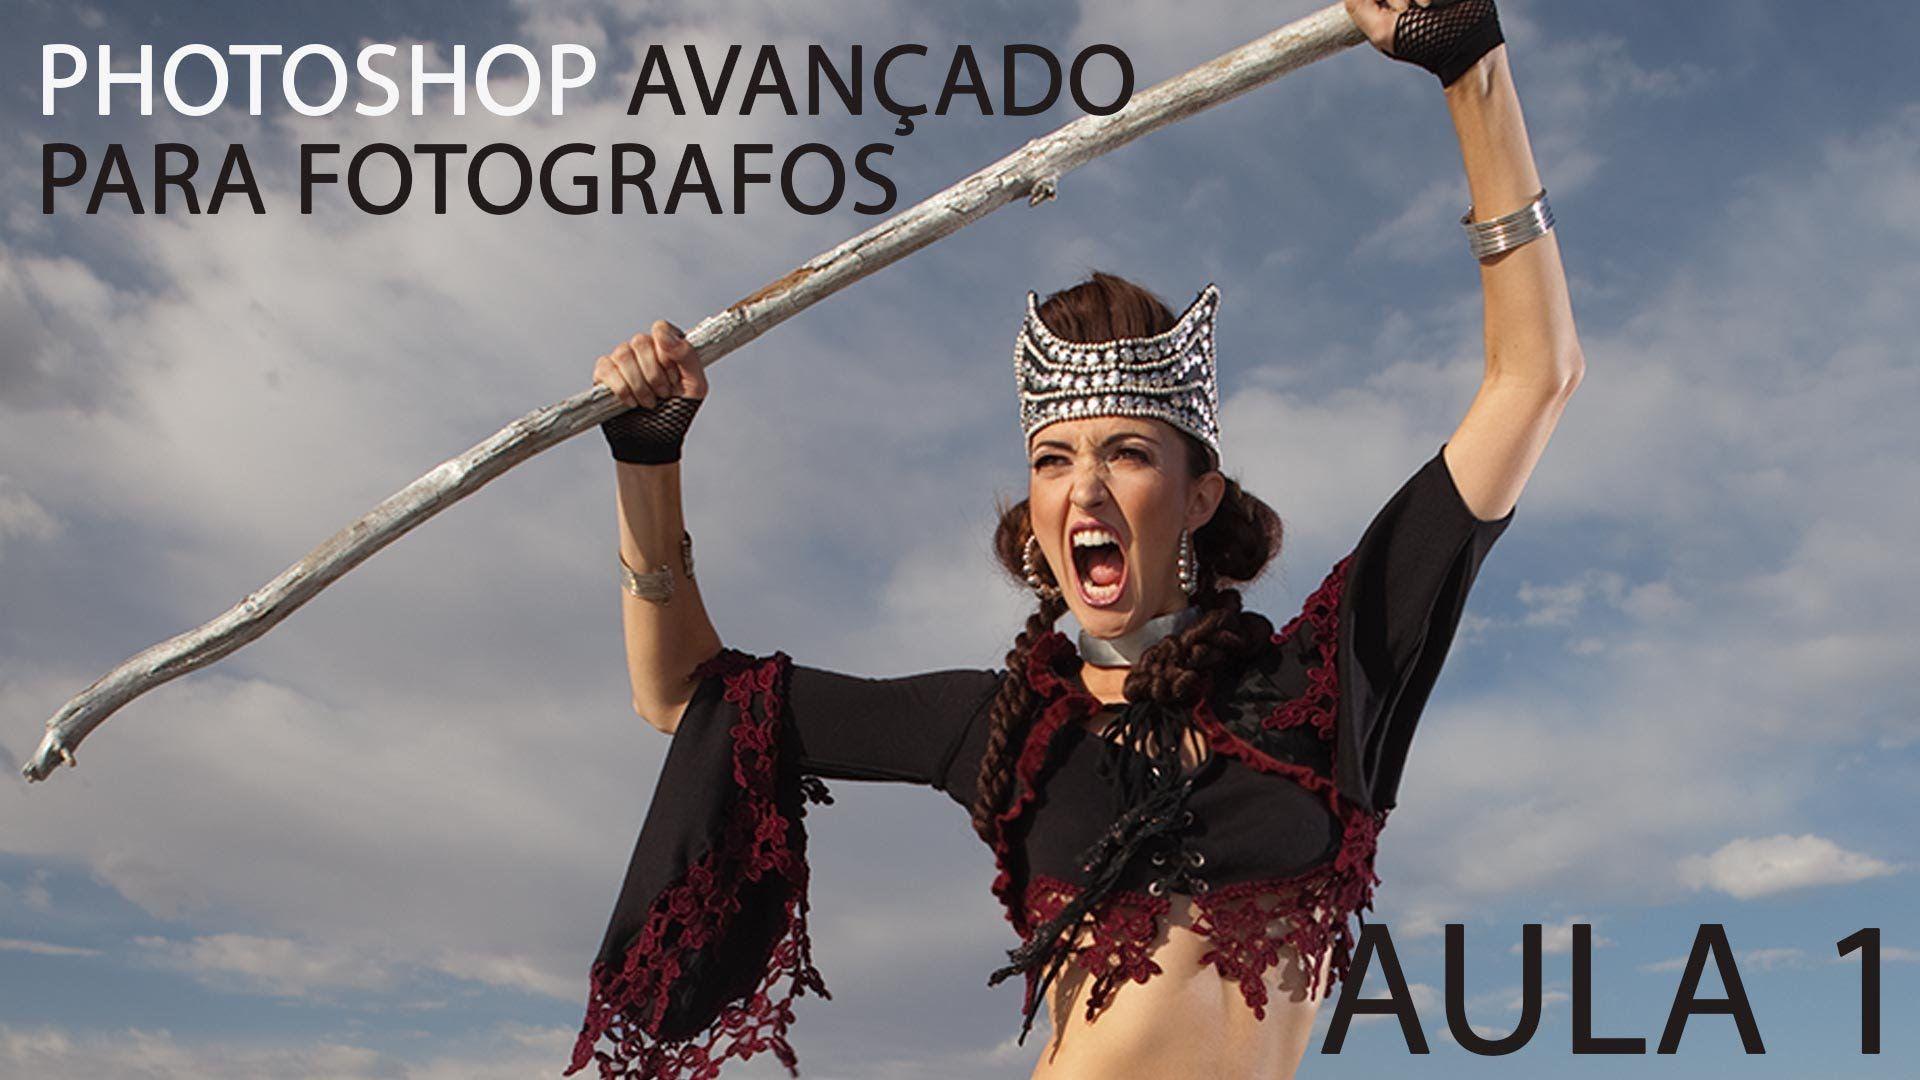 PHOTOSHOP AVANÇADO - PARA FOTÓGRAFOS - AULA 1